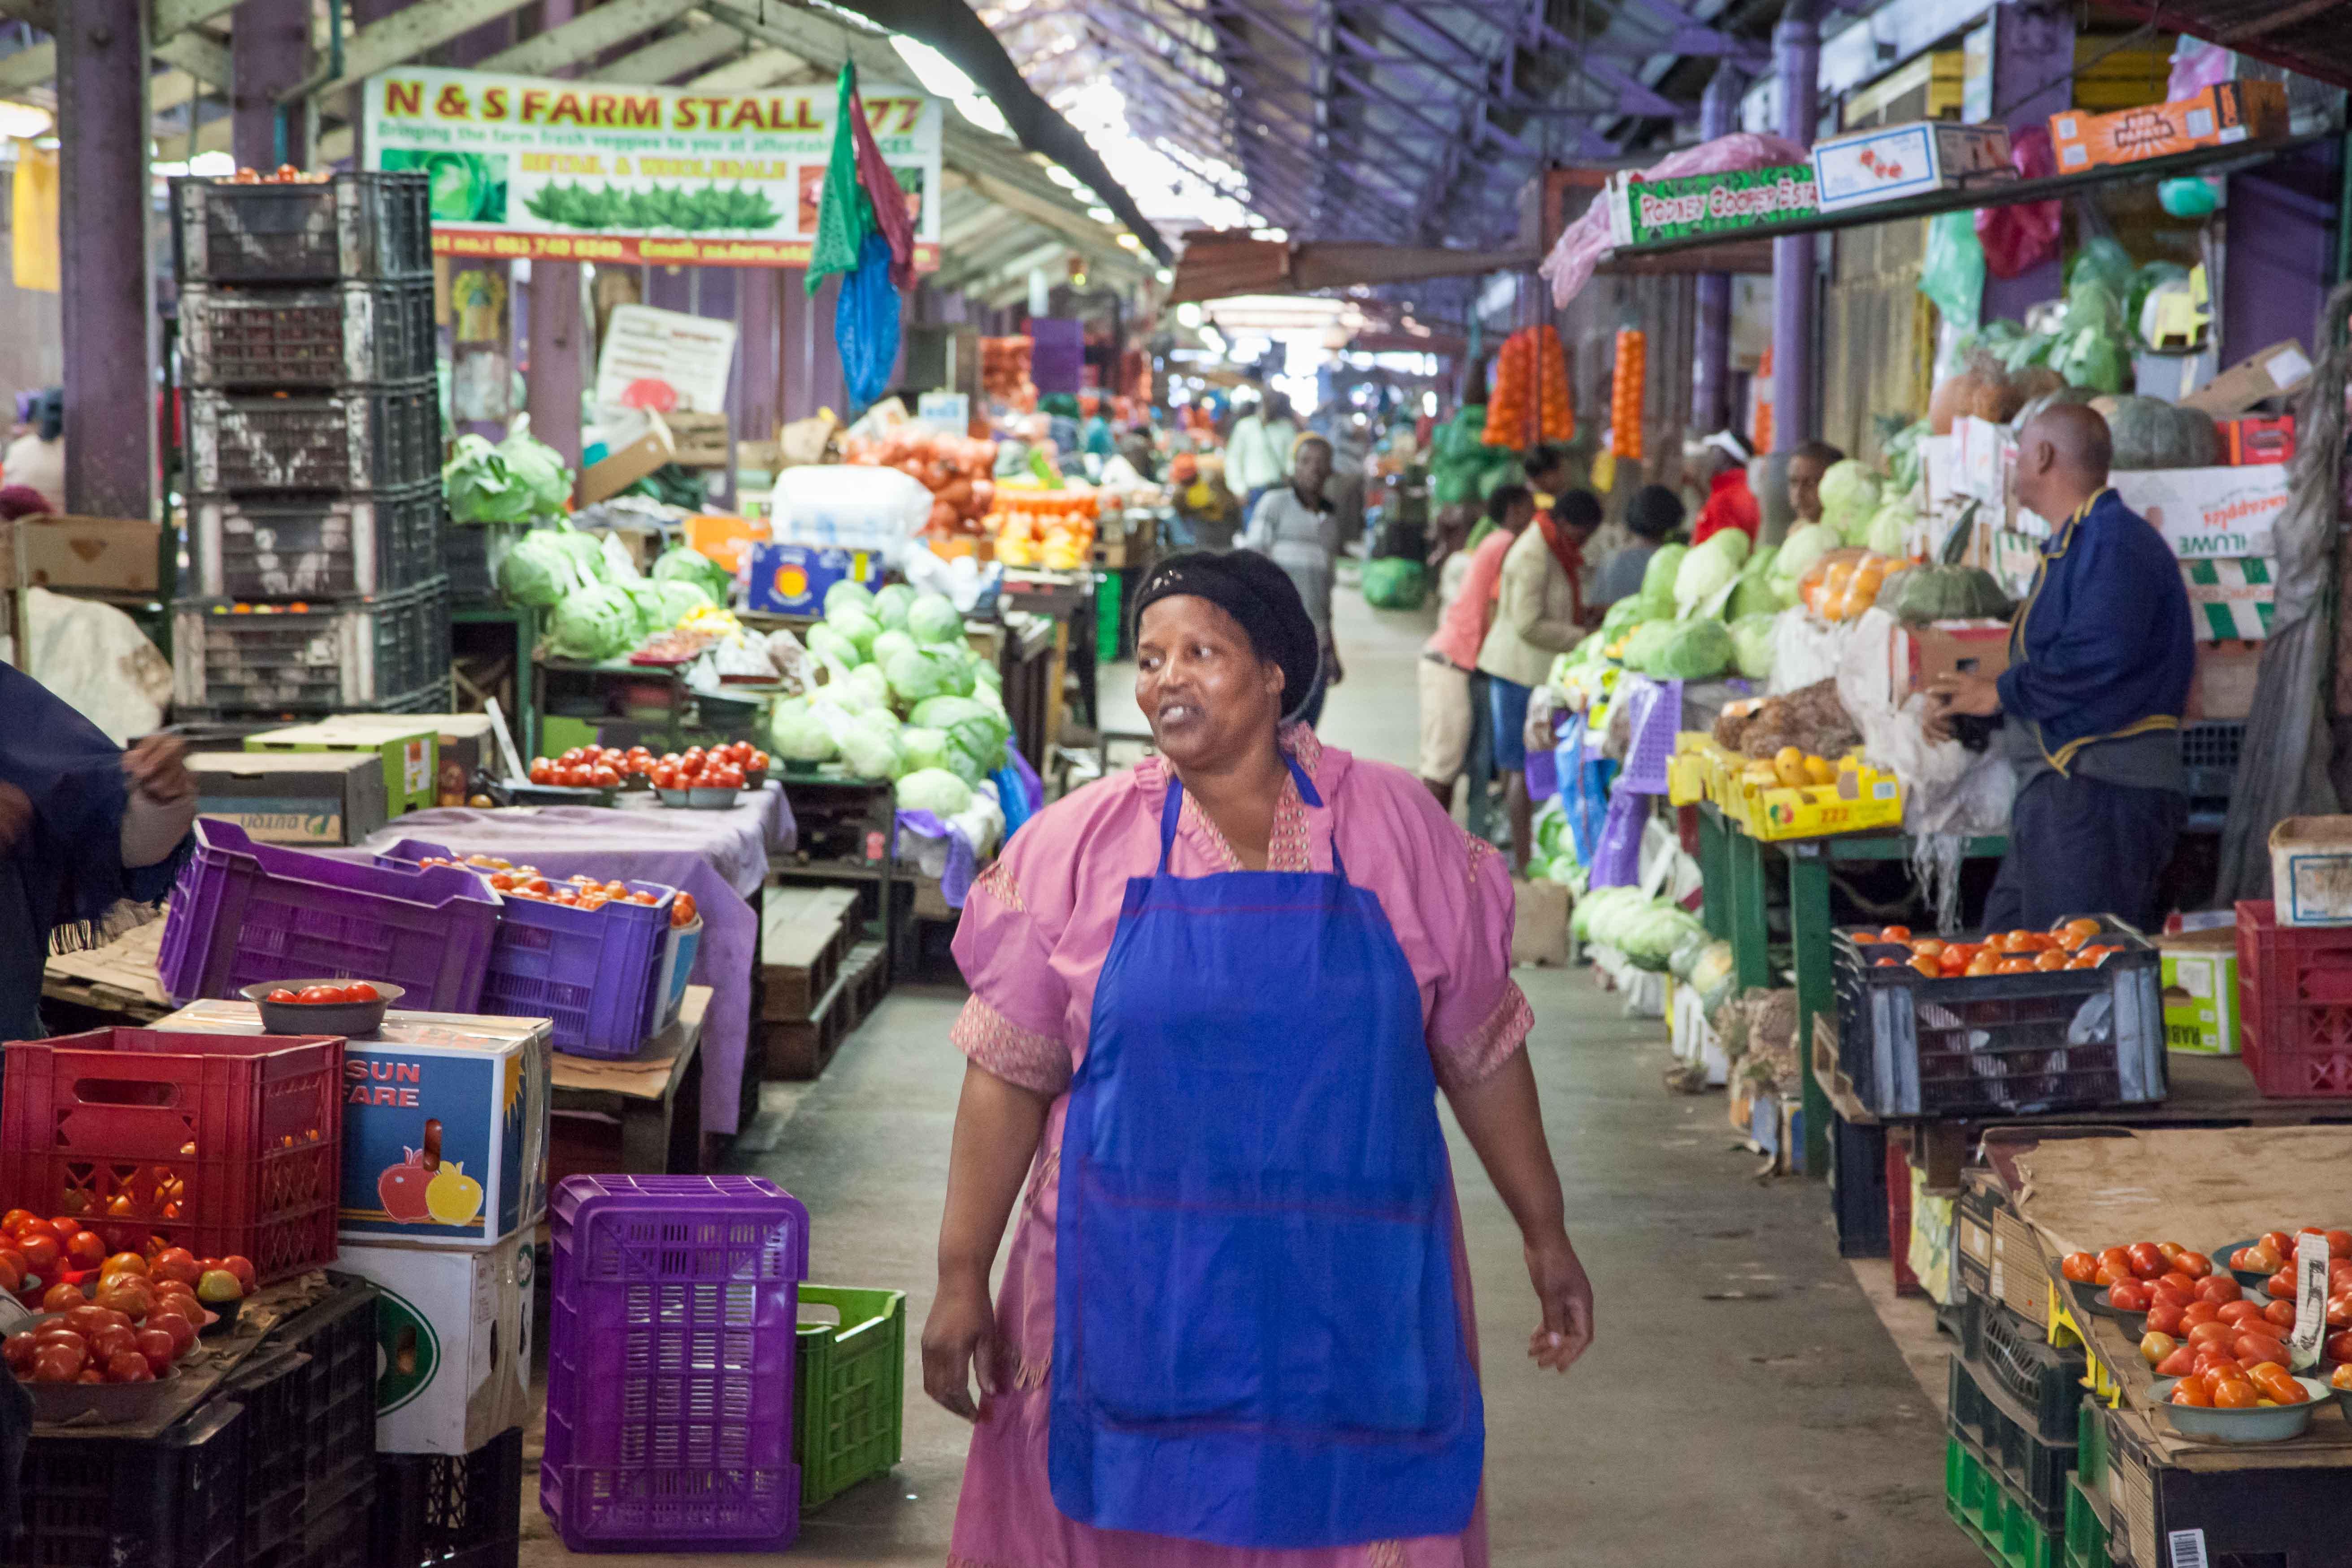 Obst und Gemüse, soweit das Auge reicht. Rund 700 Händler kämpfen um die Gunst der Kunden.